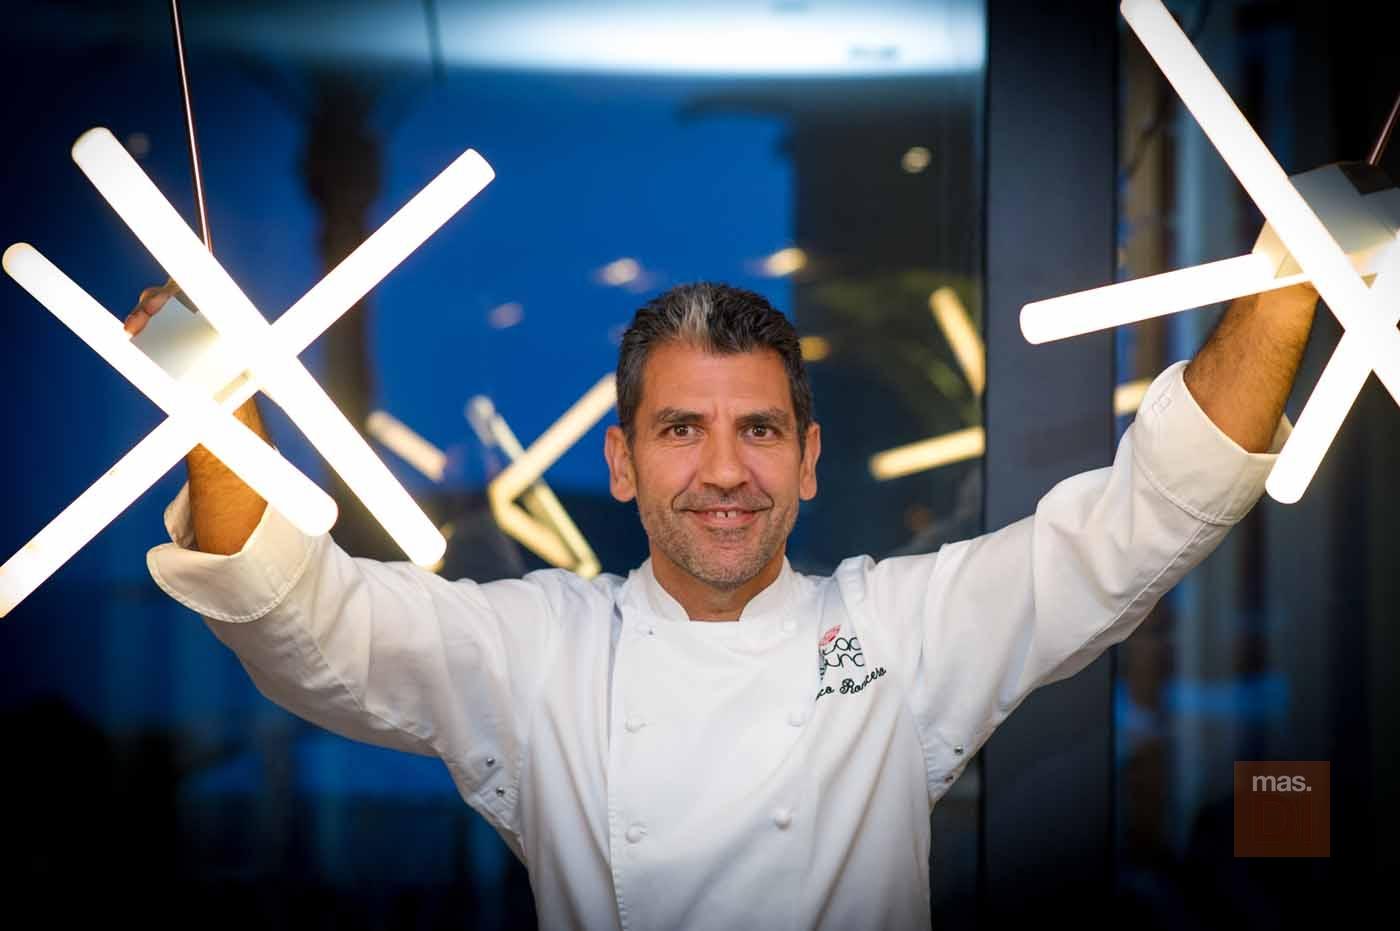 Paco Roncero, chef y empresario: «La gente sigue hablando del talento español y de su cocina»